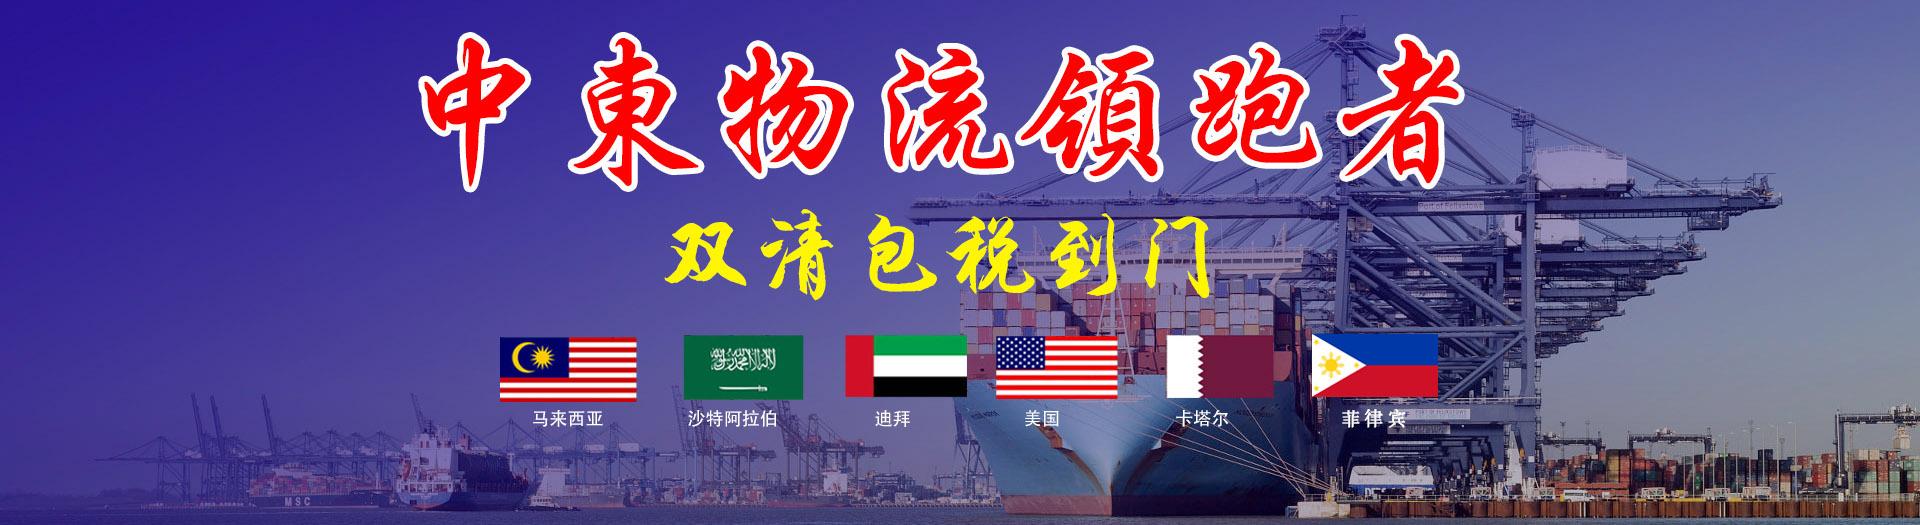 中东物流,迪拜,卡塔尔,沙特,东南亚物流,马来西亚,菲律宾,国际快递